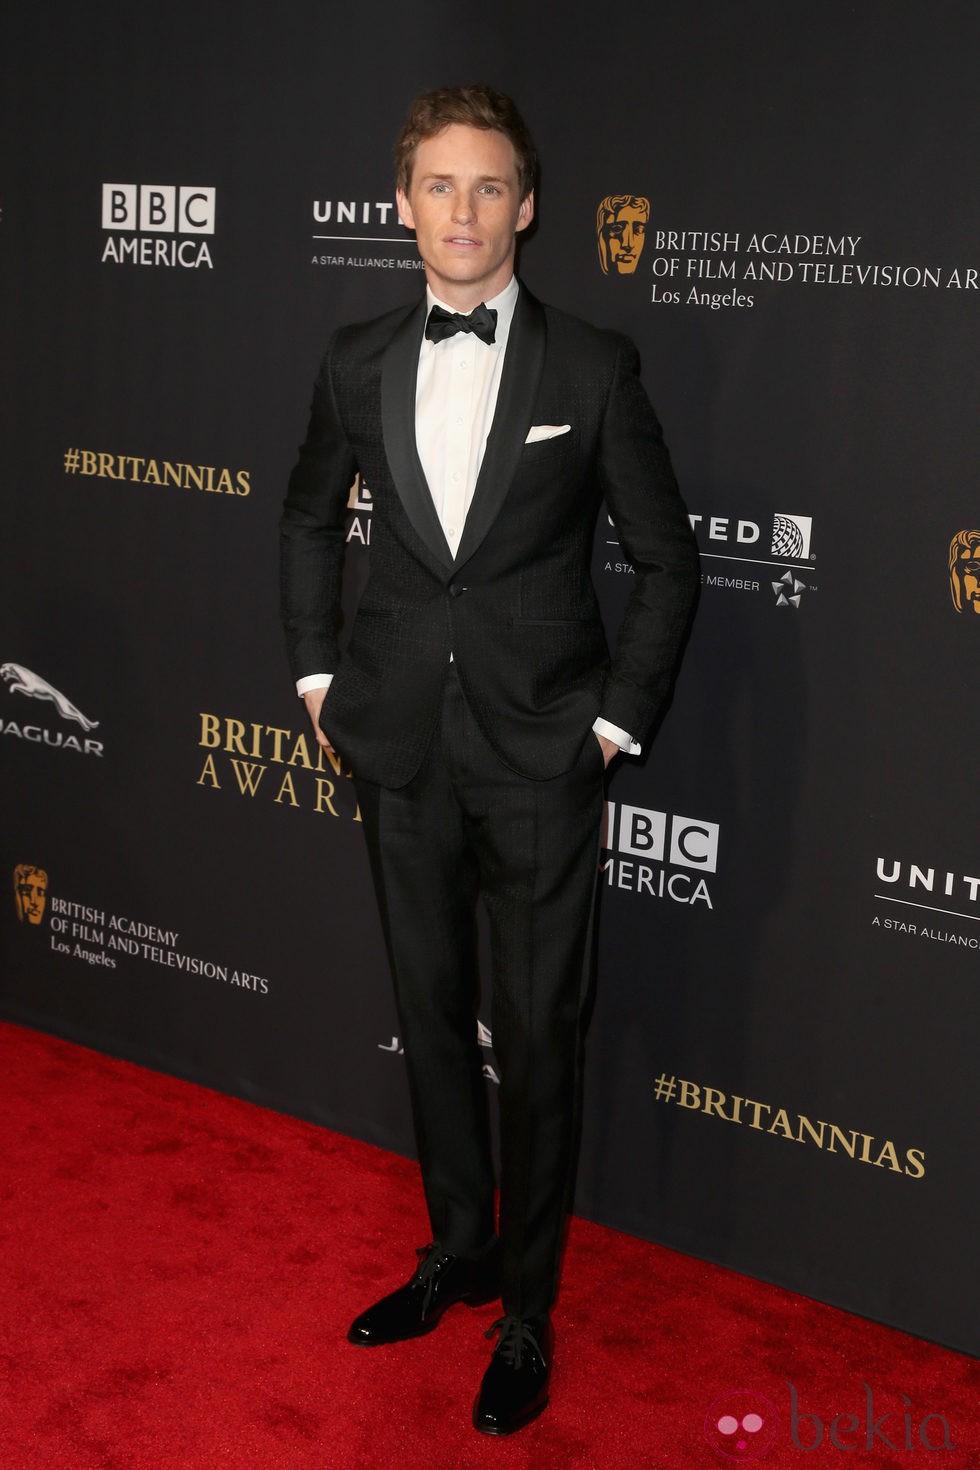 Eddie Redmayne en la entrega de los Premios Bafta Britannia 2014